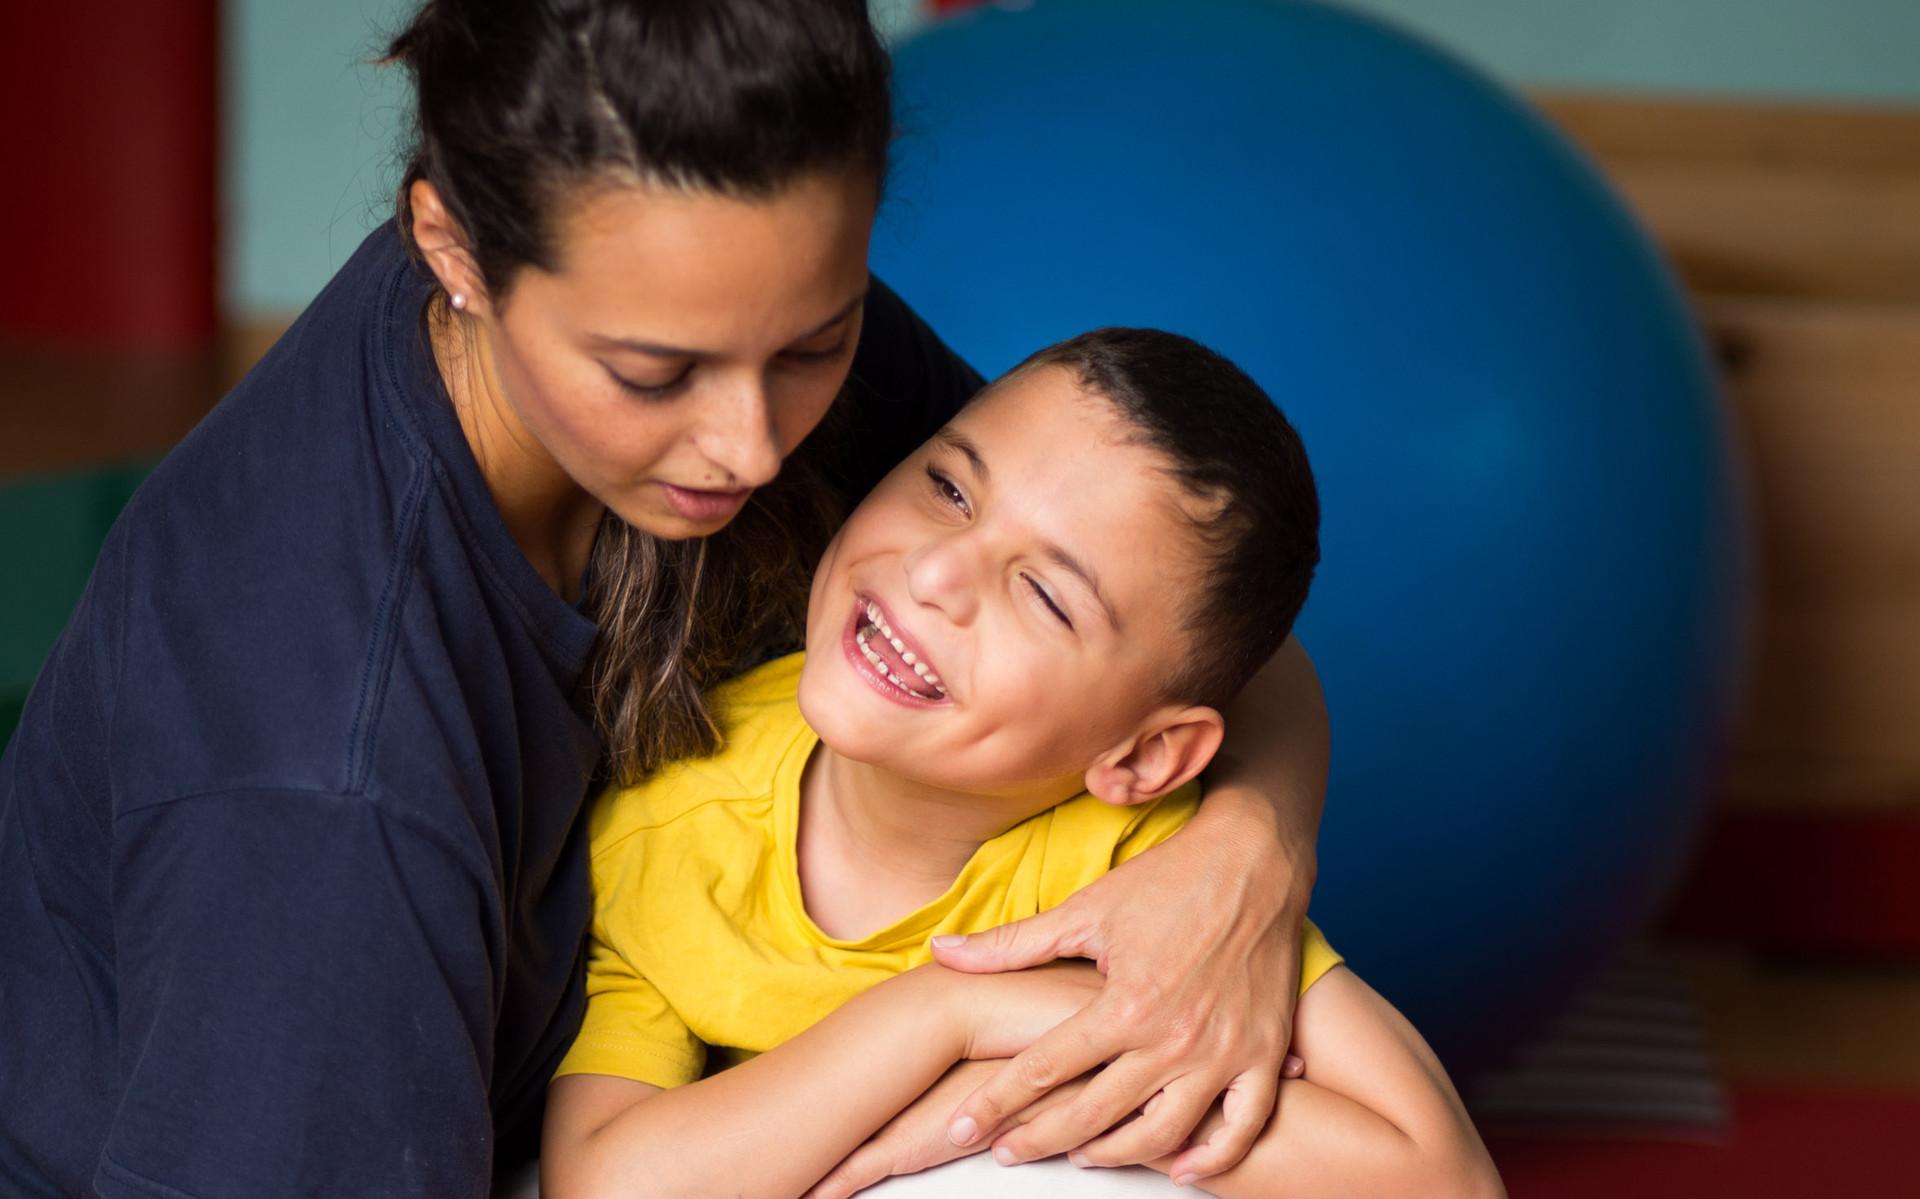 Francesco, un bambino della Lega del Filo d'Oro fa attività di fisioterapia con la sua fisioterapista